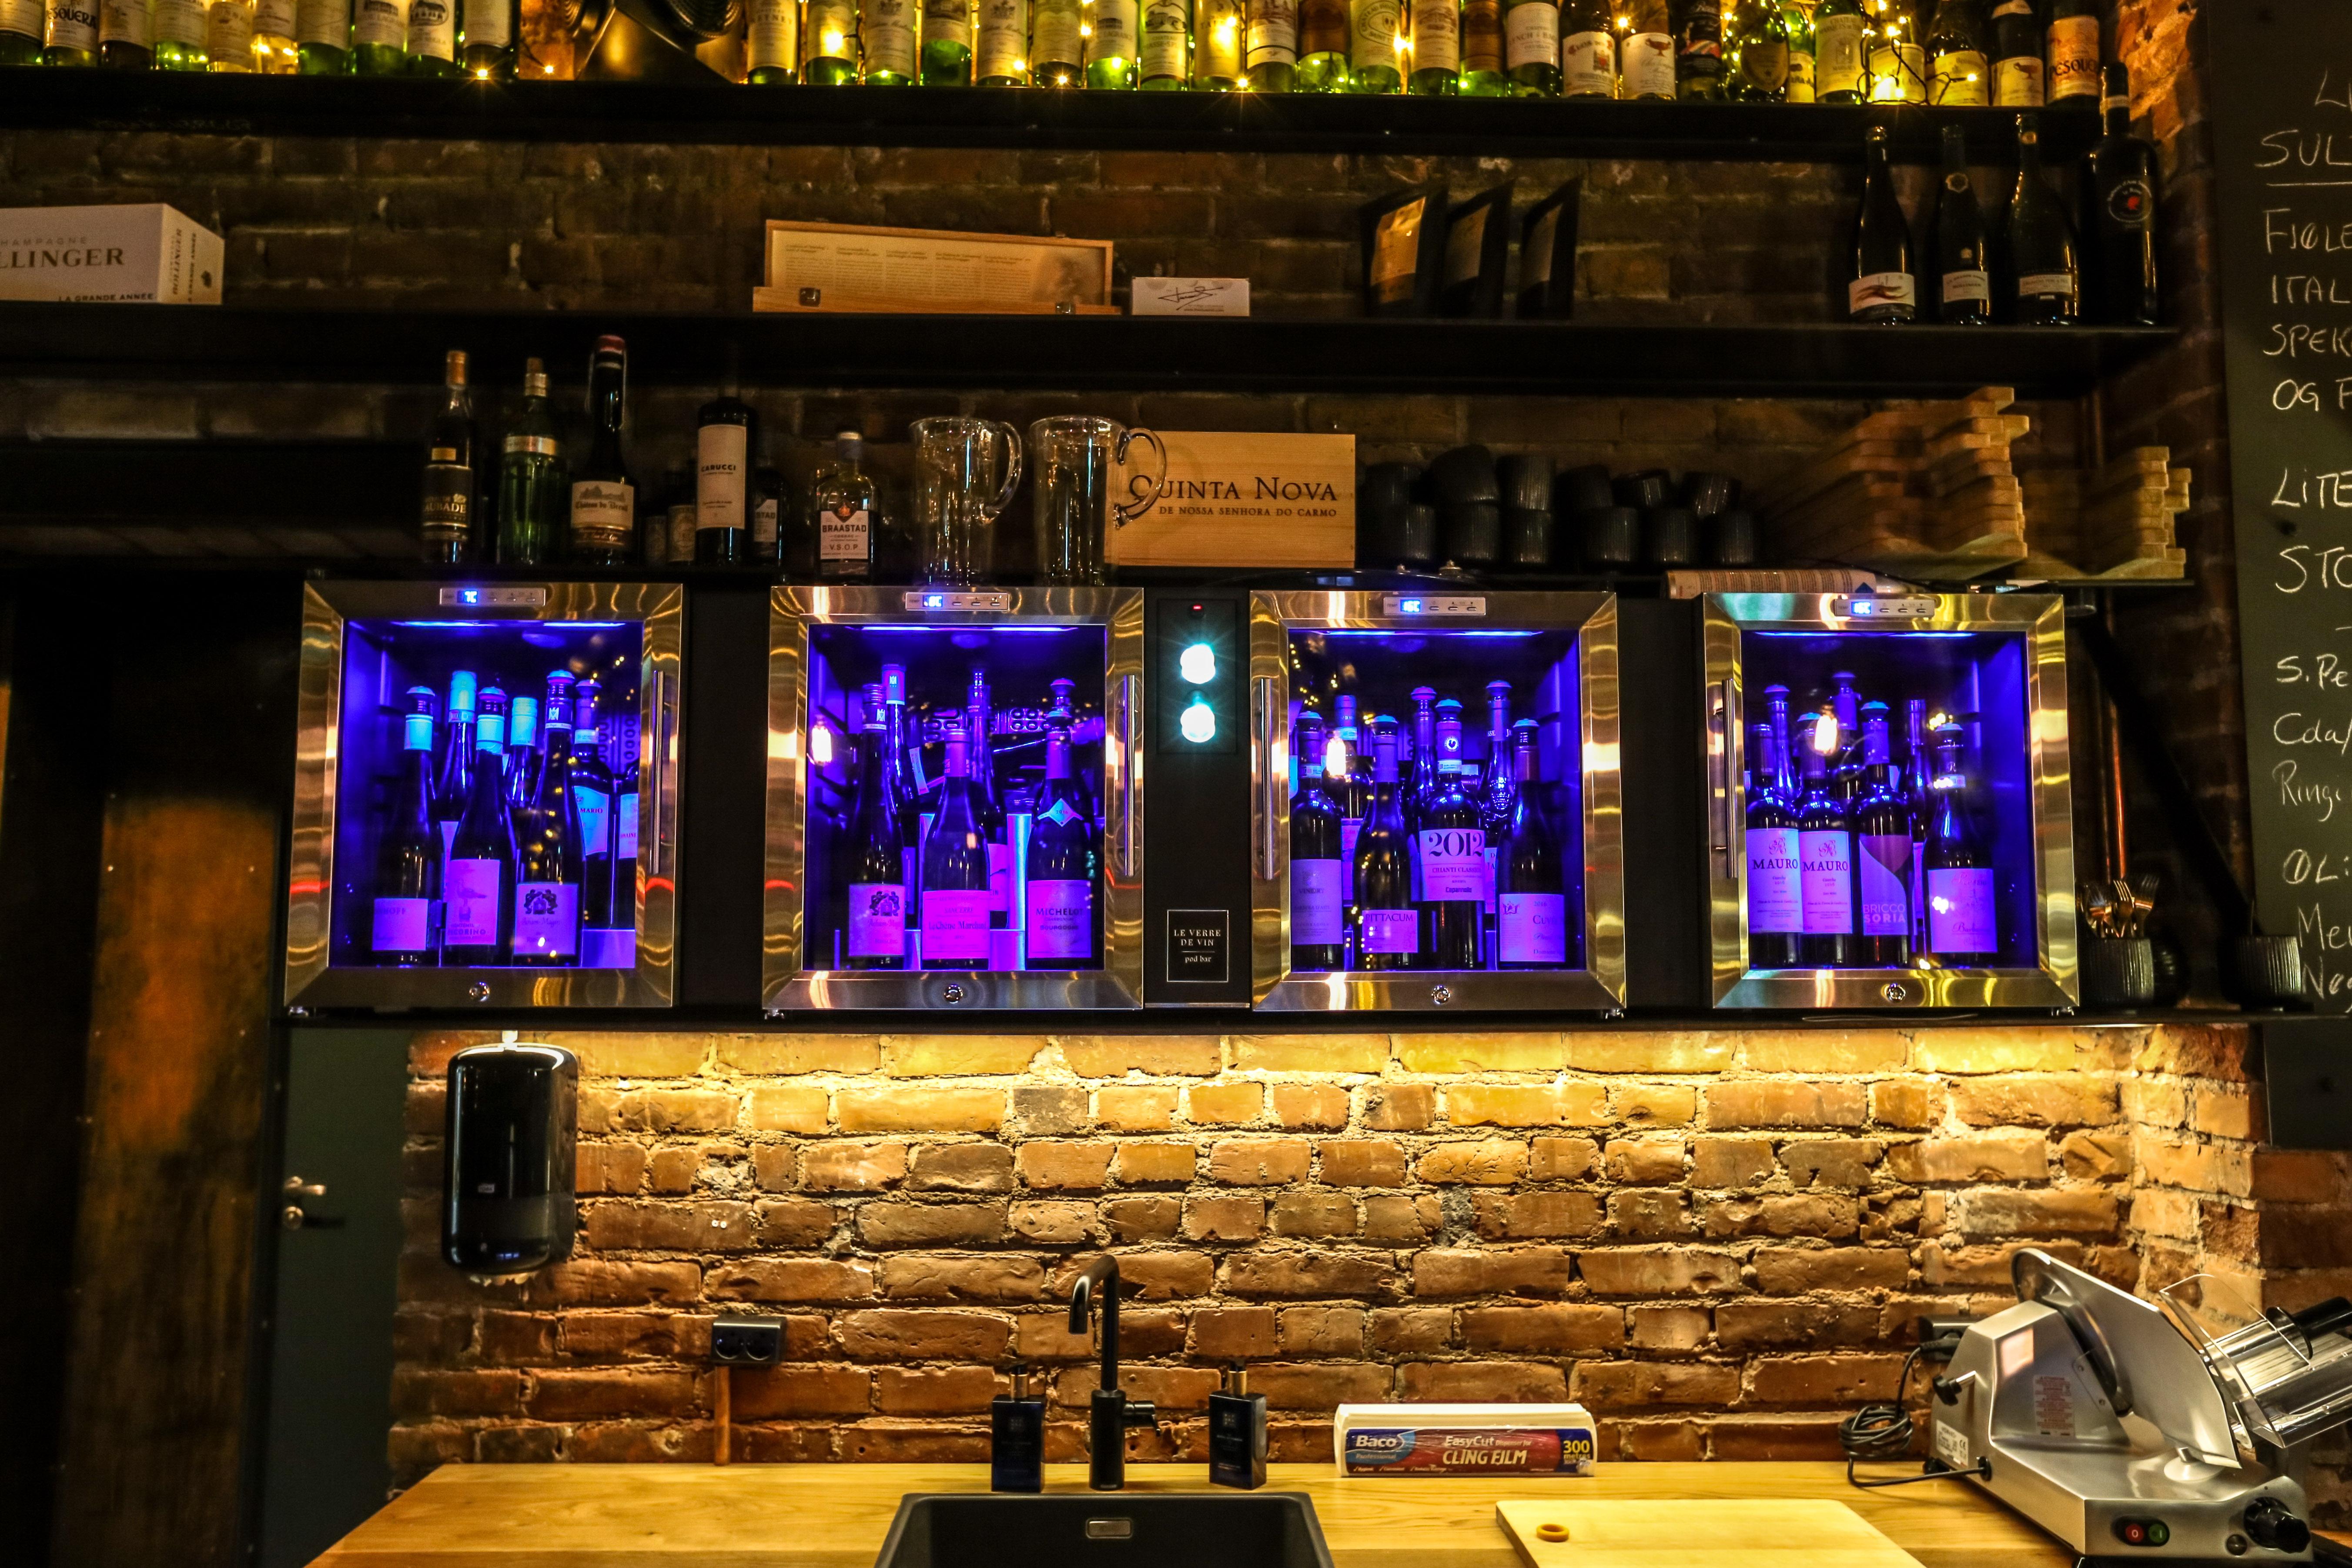 Vino Bar Pod Bar